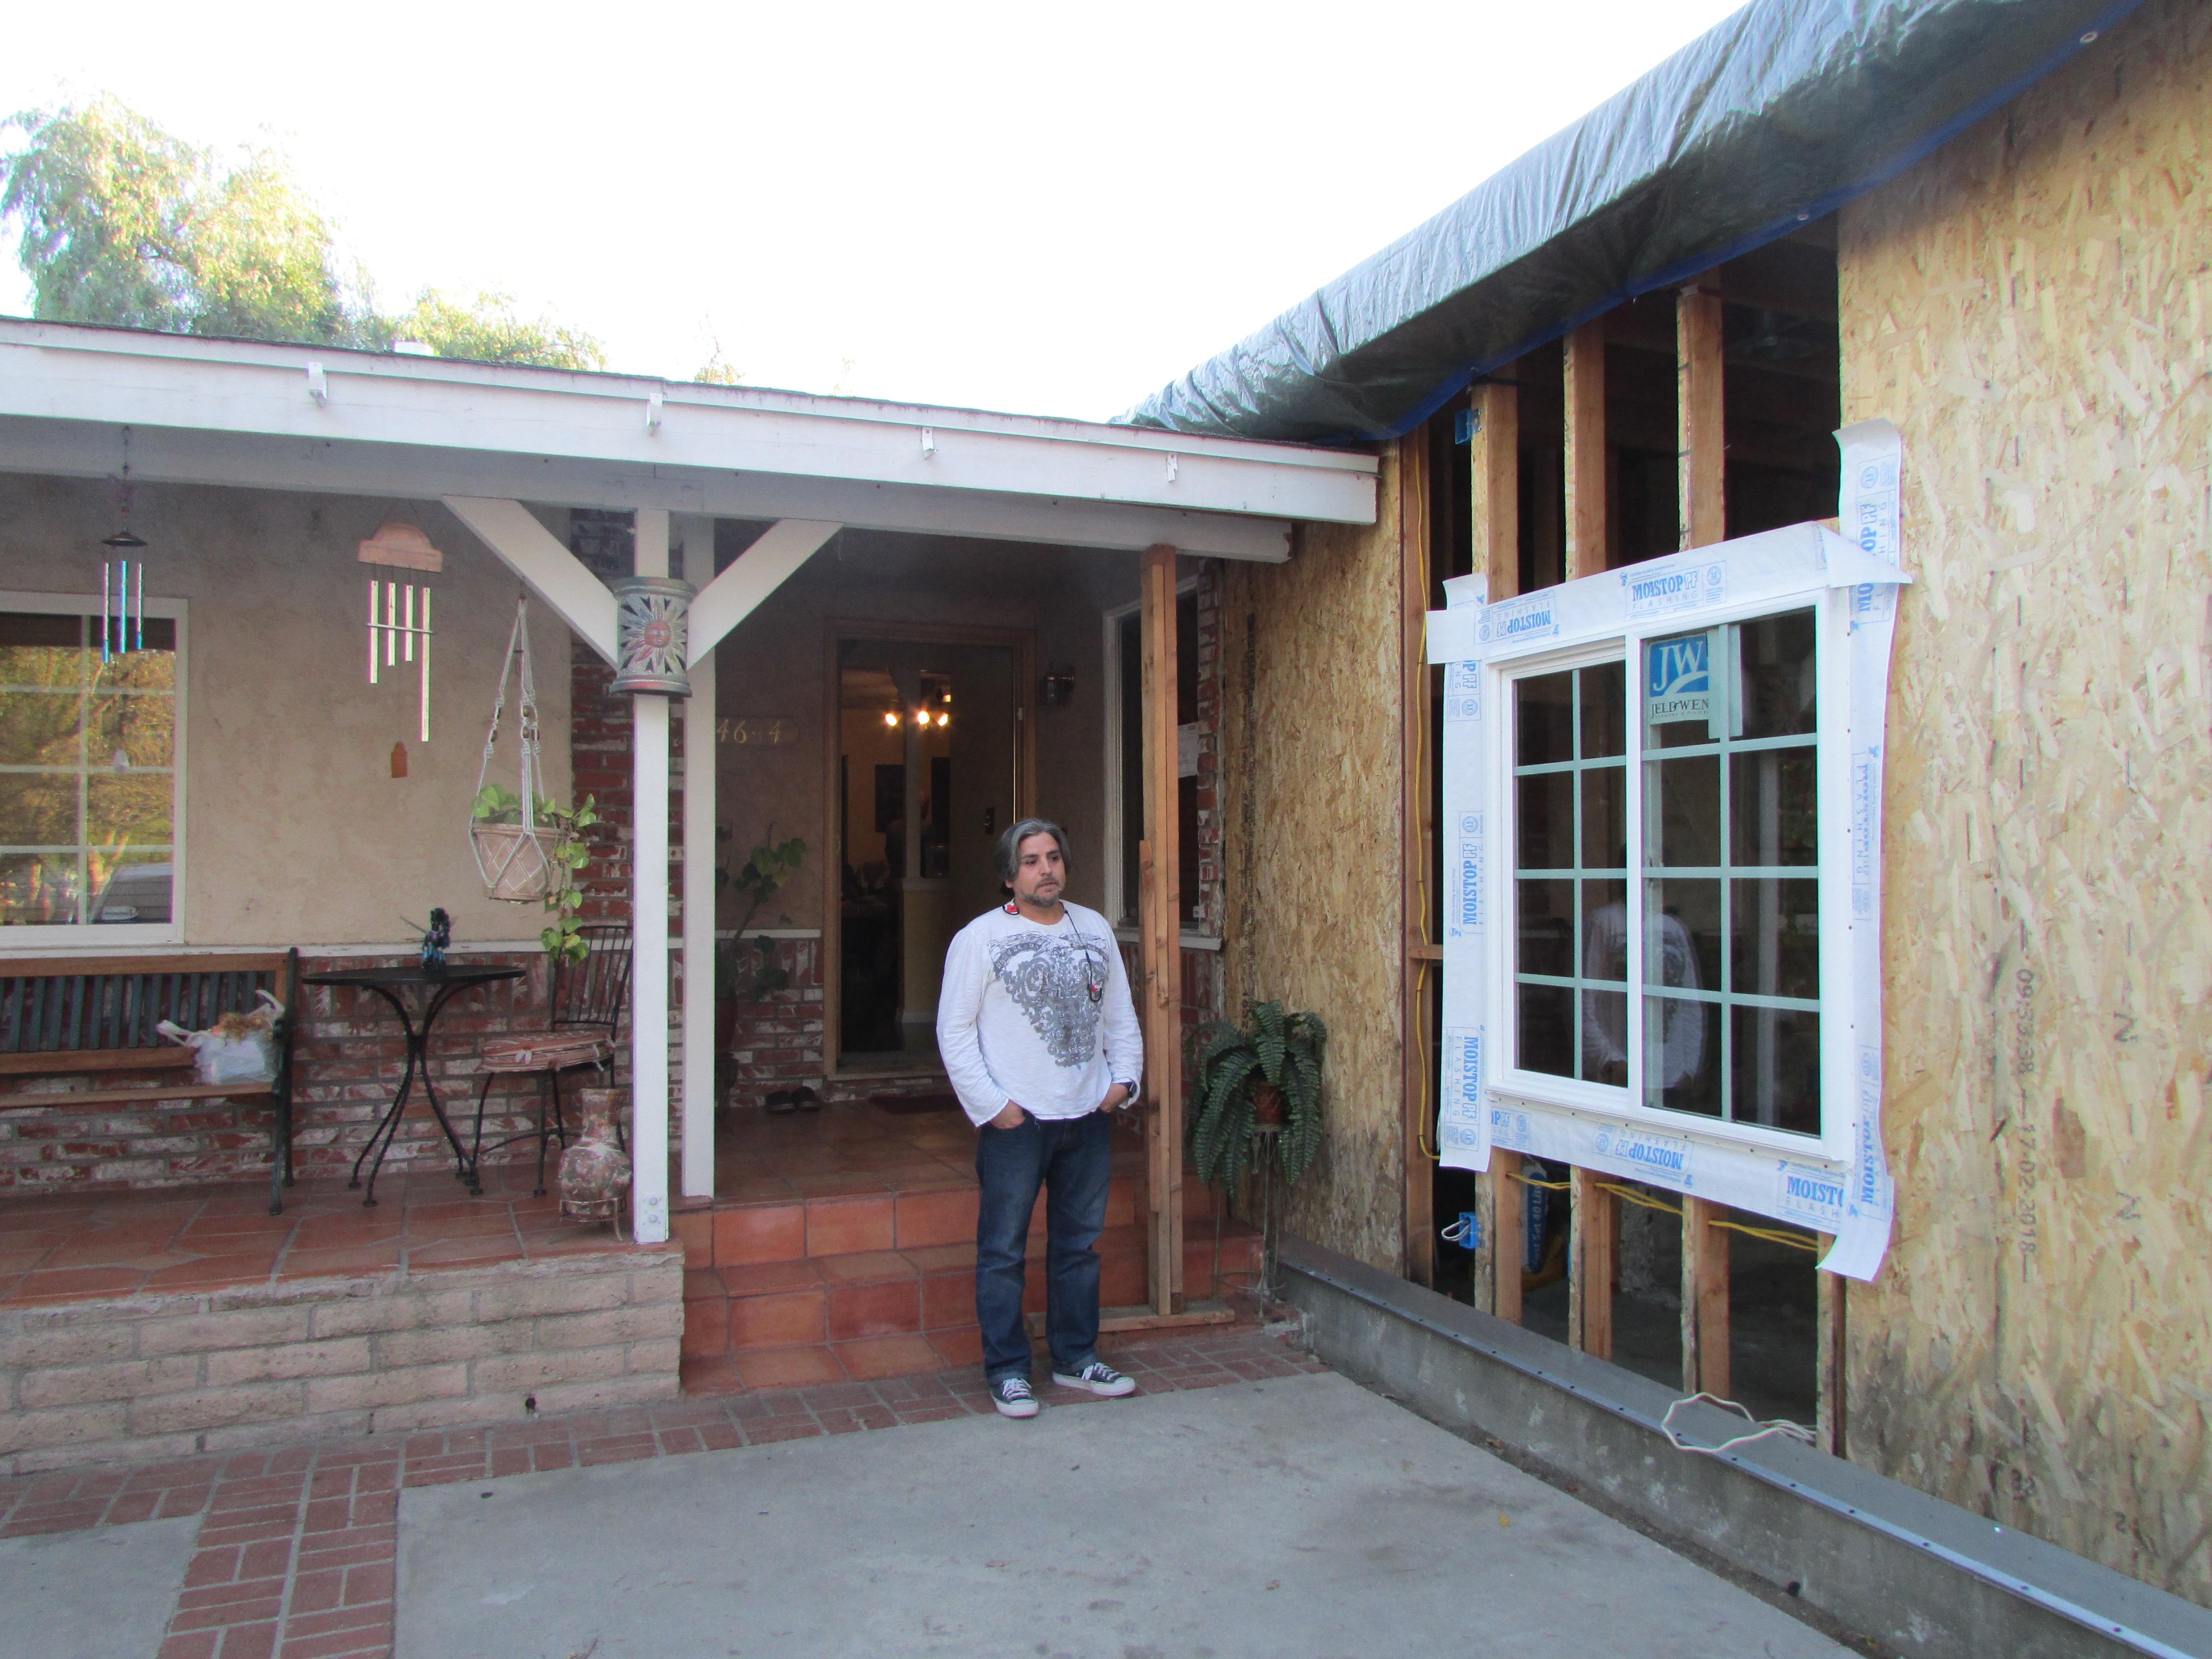 La conversión del garaje de su casa en departamento quedó paralizada desde octubre cuando la compañía constructora desapareció y se declaró en bancarrota. (Araceli Martínez/La Opinión).